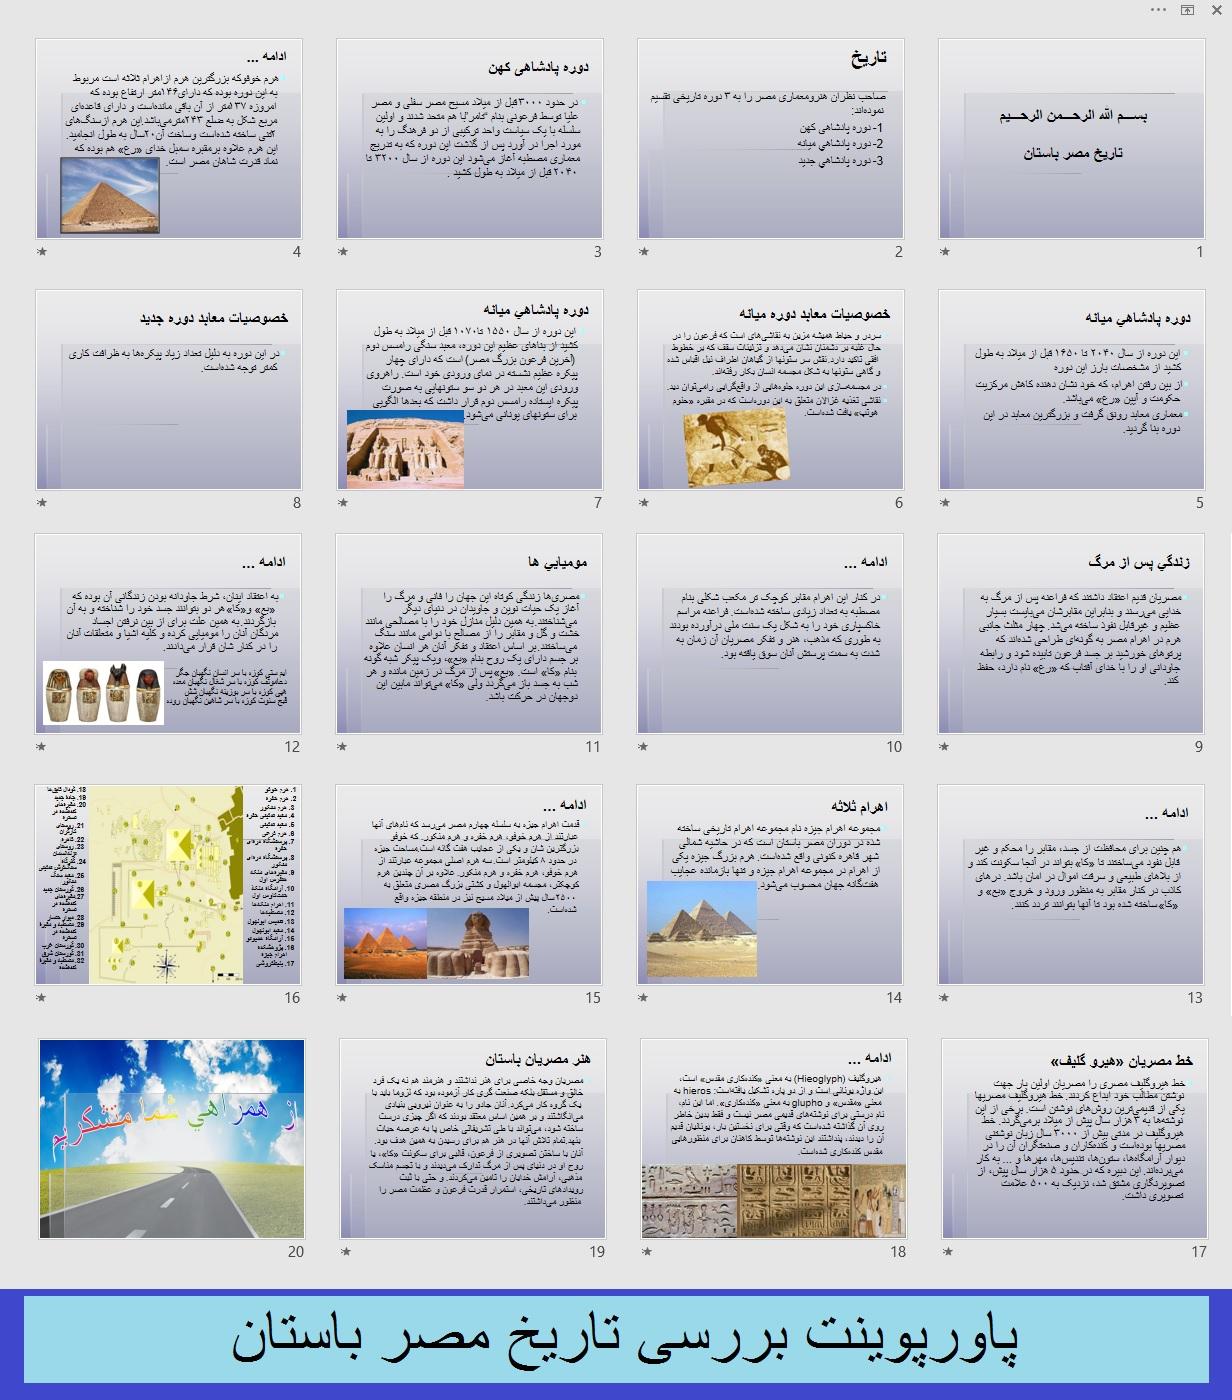 پیش نمایش تاریخ مصرباستان